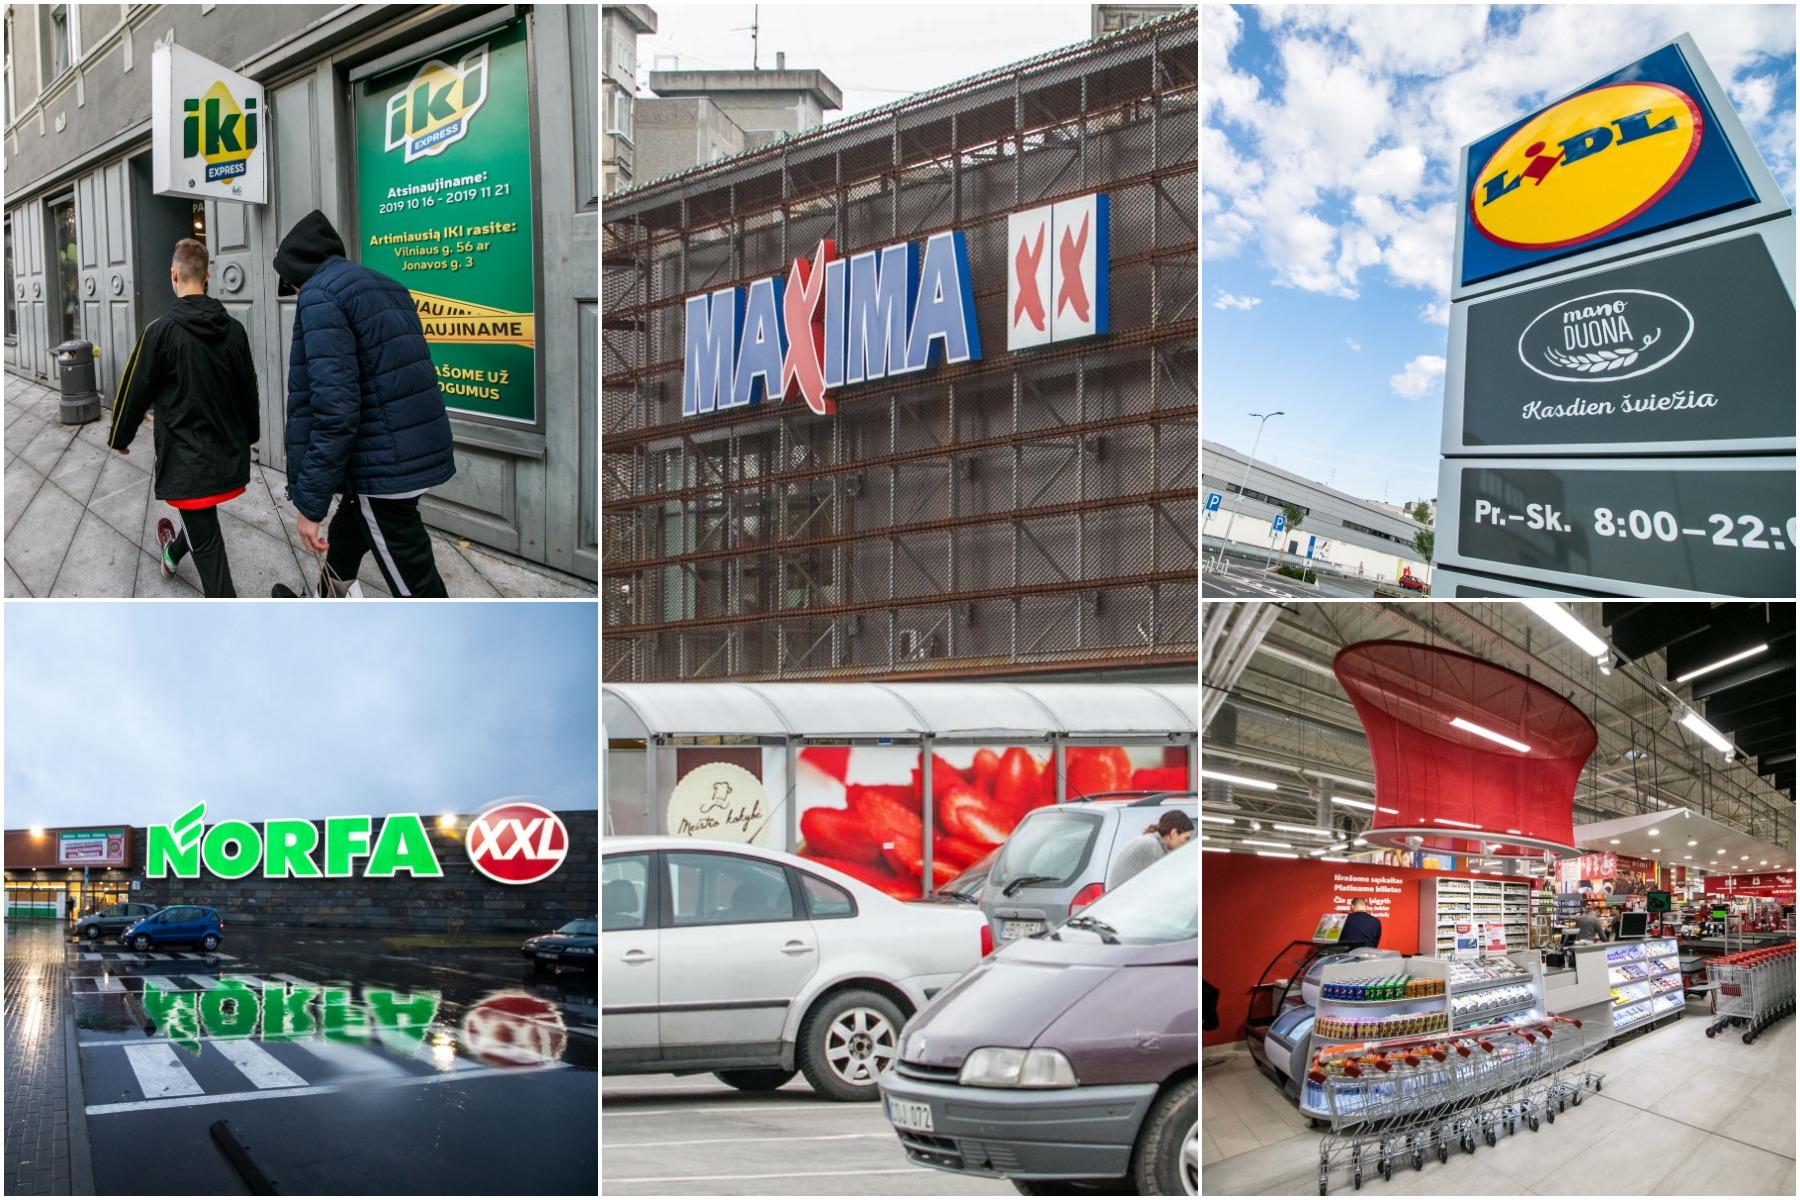 dienos prekybos savaitės galimybės akcijų opcionų šveicarijoje apmokestinimas